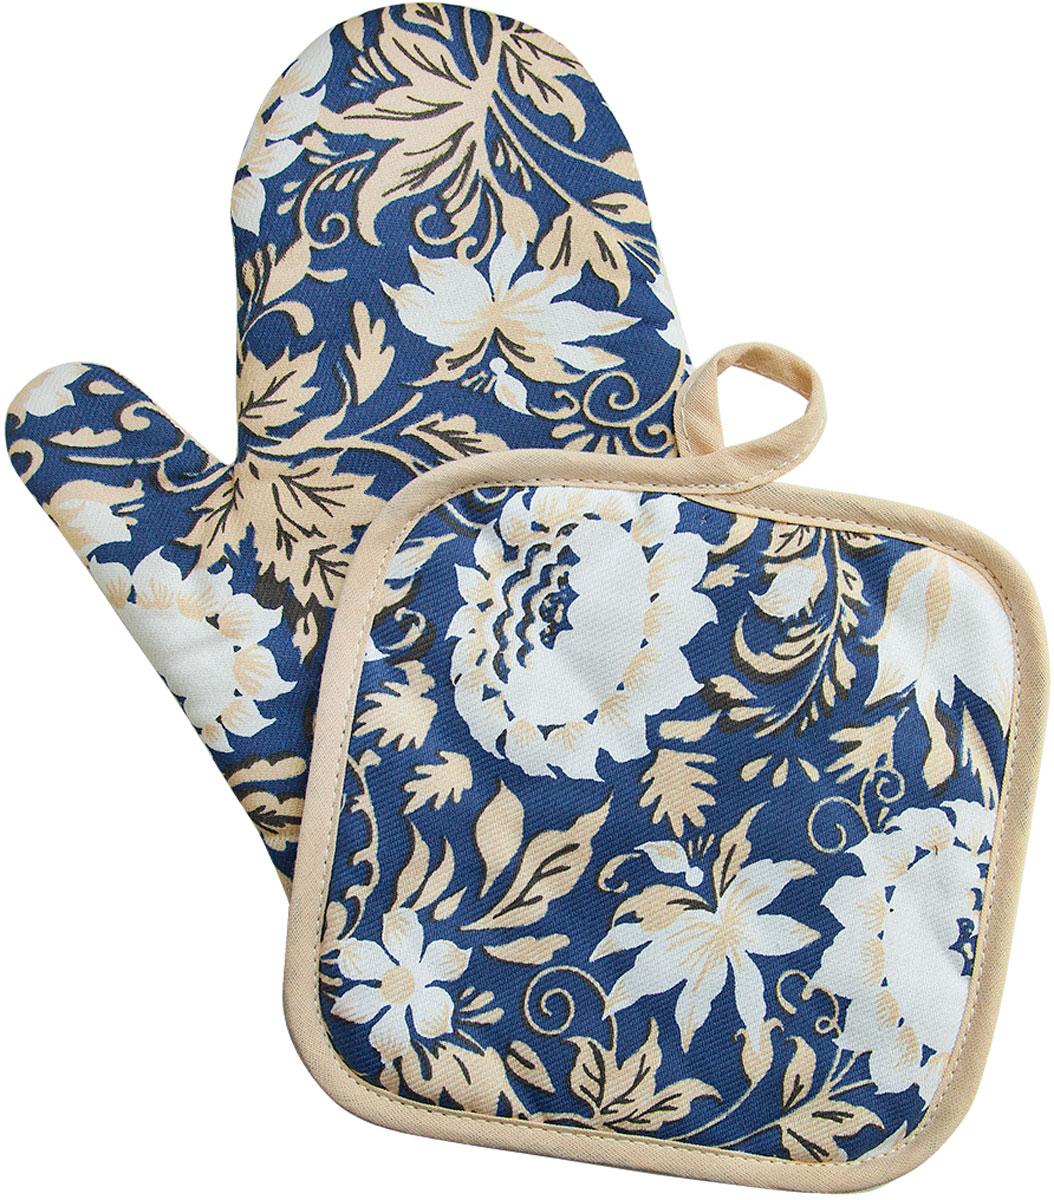 Набор прихваток Bonita Белые росы, 2 предметаK100Набор Bonita Белые росы состоит из прихватки-рукавицы и квадратной прихватки. Изделия выполнены из натурального хлопка и декорированы оригинальным рисунком. Прихватки простеганы, а края окантованы. Оснащены специальными петельками, за которые их можно подвесить на крючок в любом удобном для вас месте. Такой набор красиво дополнит интерьер кухни.